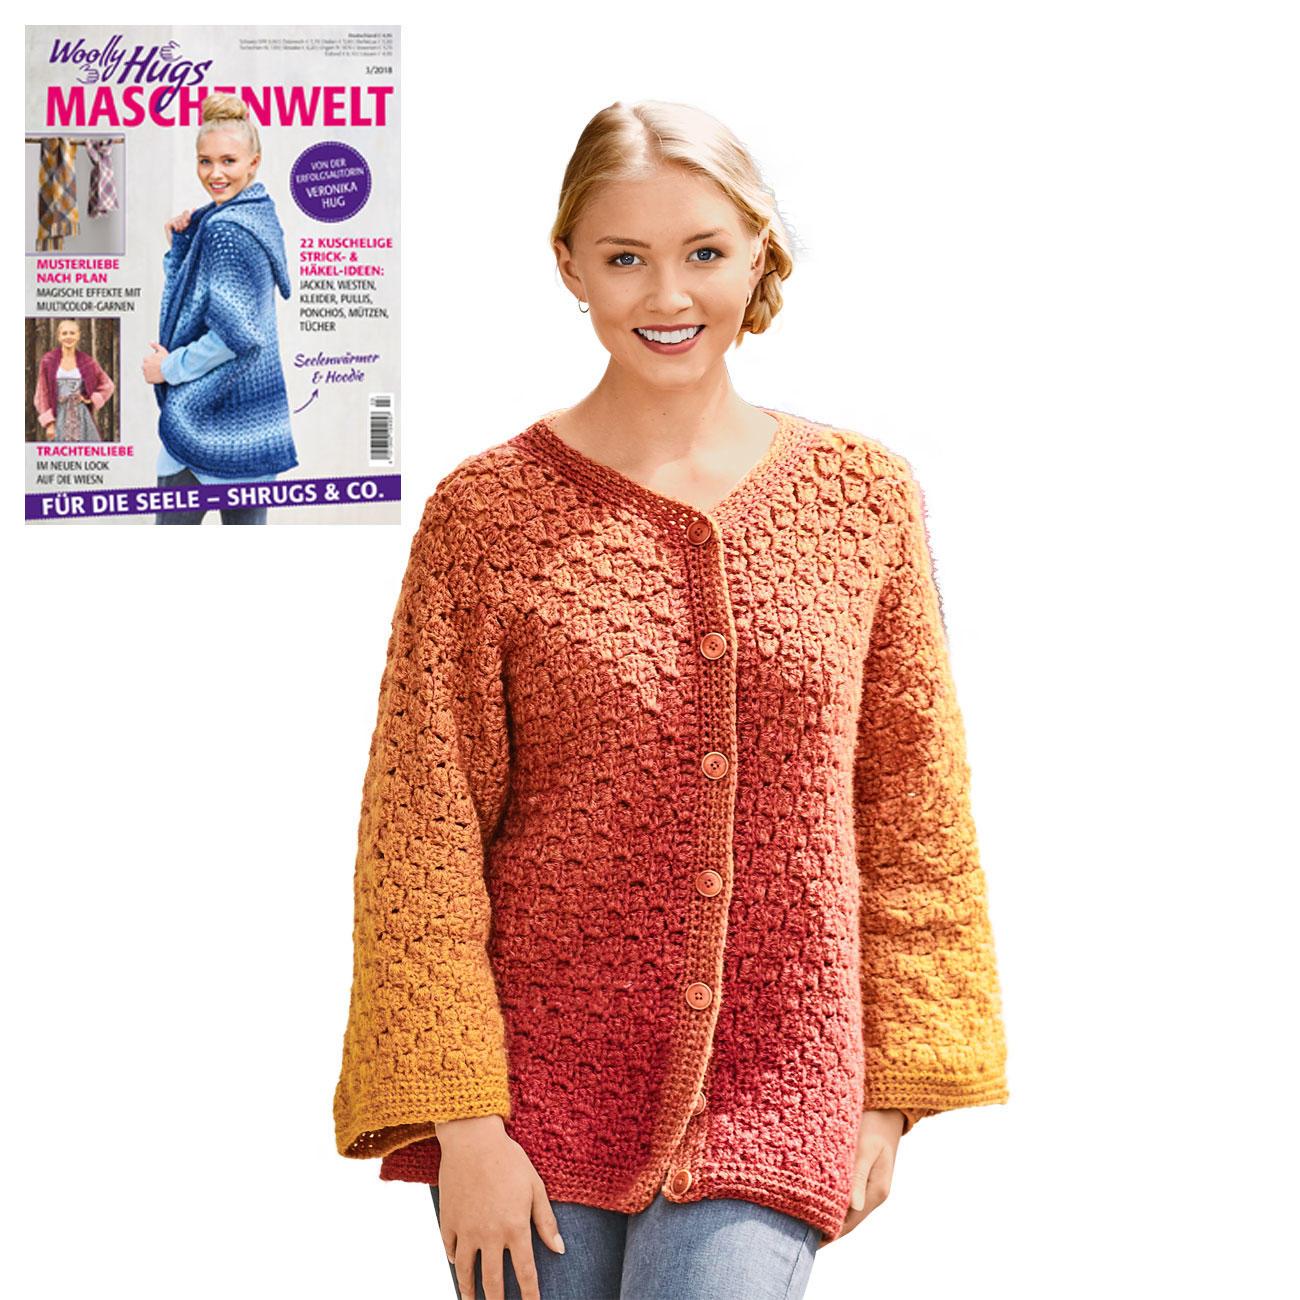 cheap for discount 2aee8 4fab0 Anleitung 319/8, Häkeljacke aus Cloud von Woolly Hugs, 1 ...